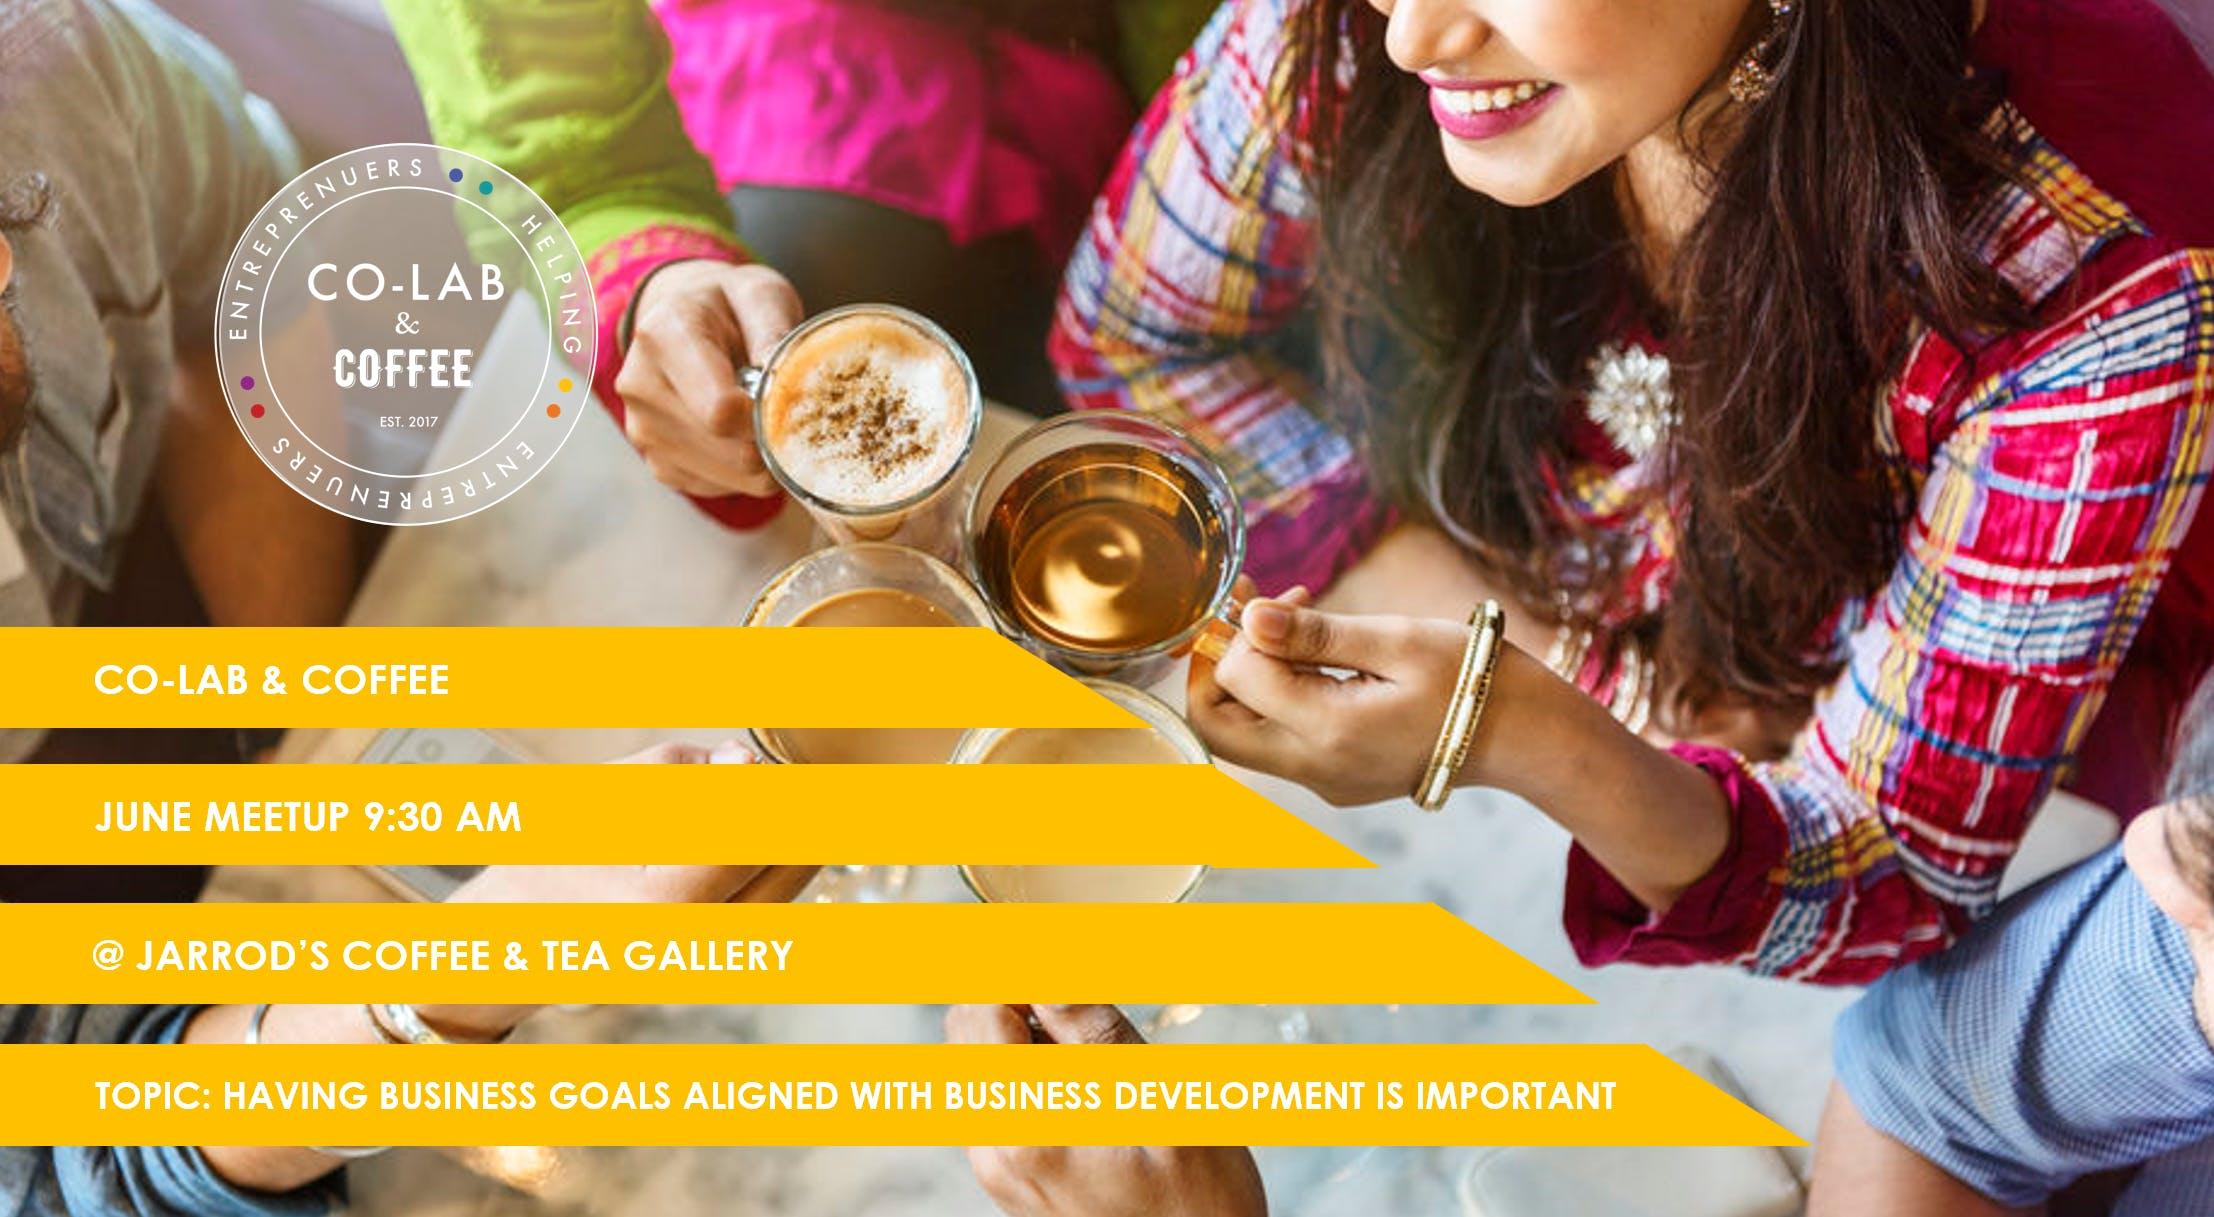 CO-LAB & Coffee June Meetup